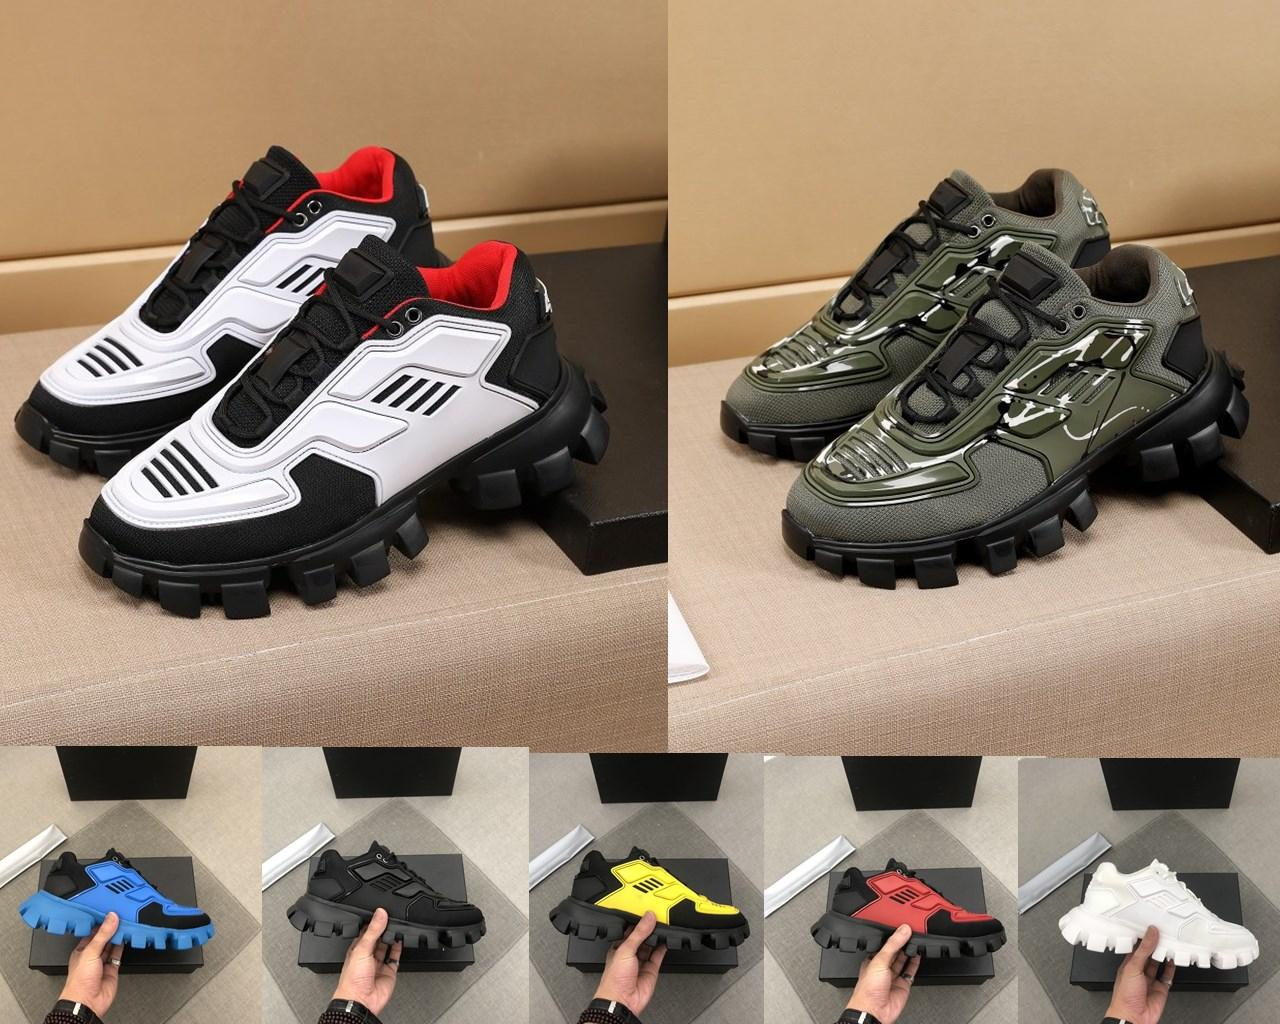 2021 New Top Designer Sapatos Masculinos Plataforma Sapatos Alto Mercerizado Couro Costura Tecido Respirável Tamanho 38-45